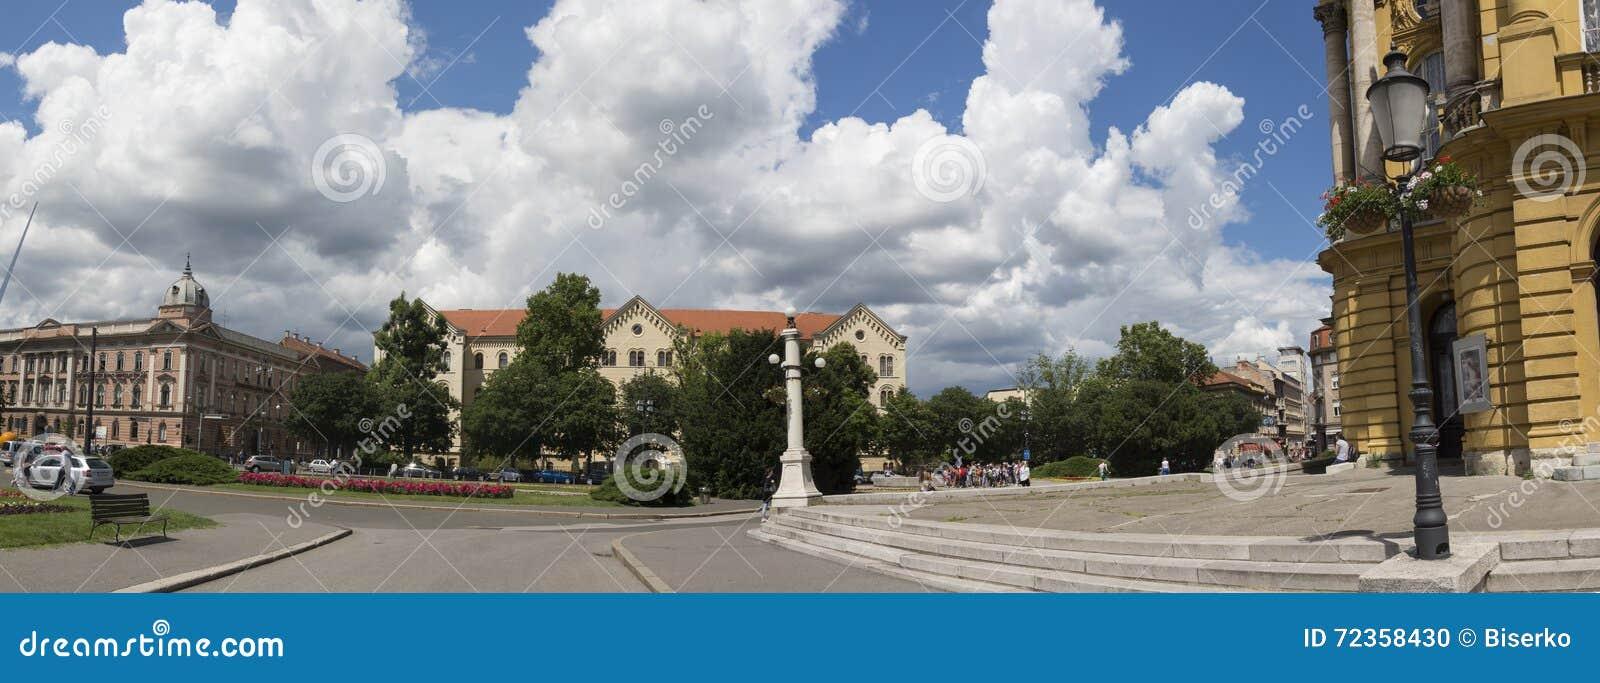 法警铁托广场在萨格勒布, Vroatia